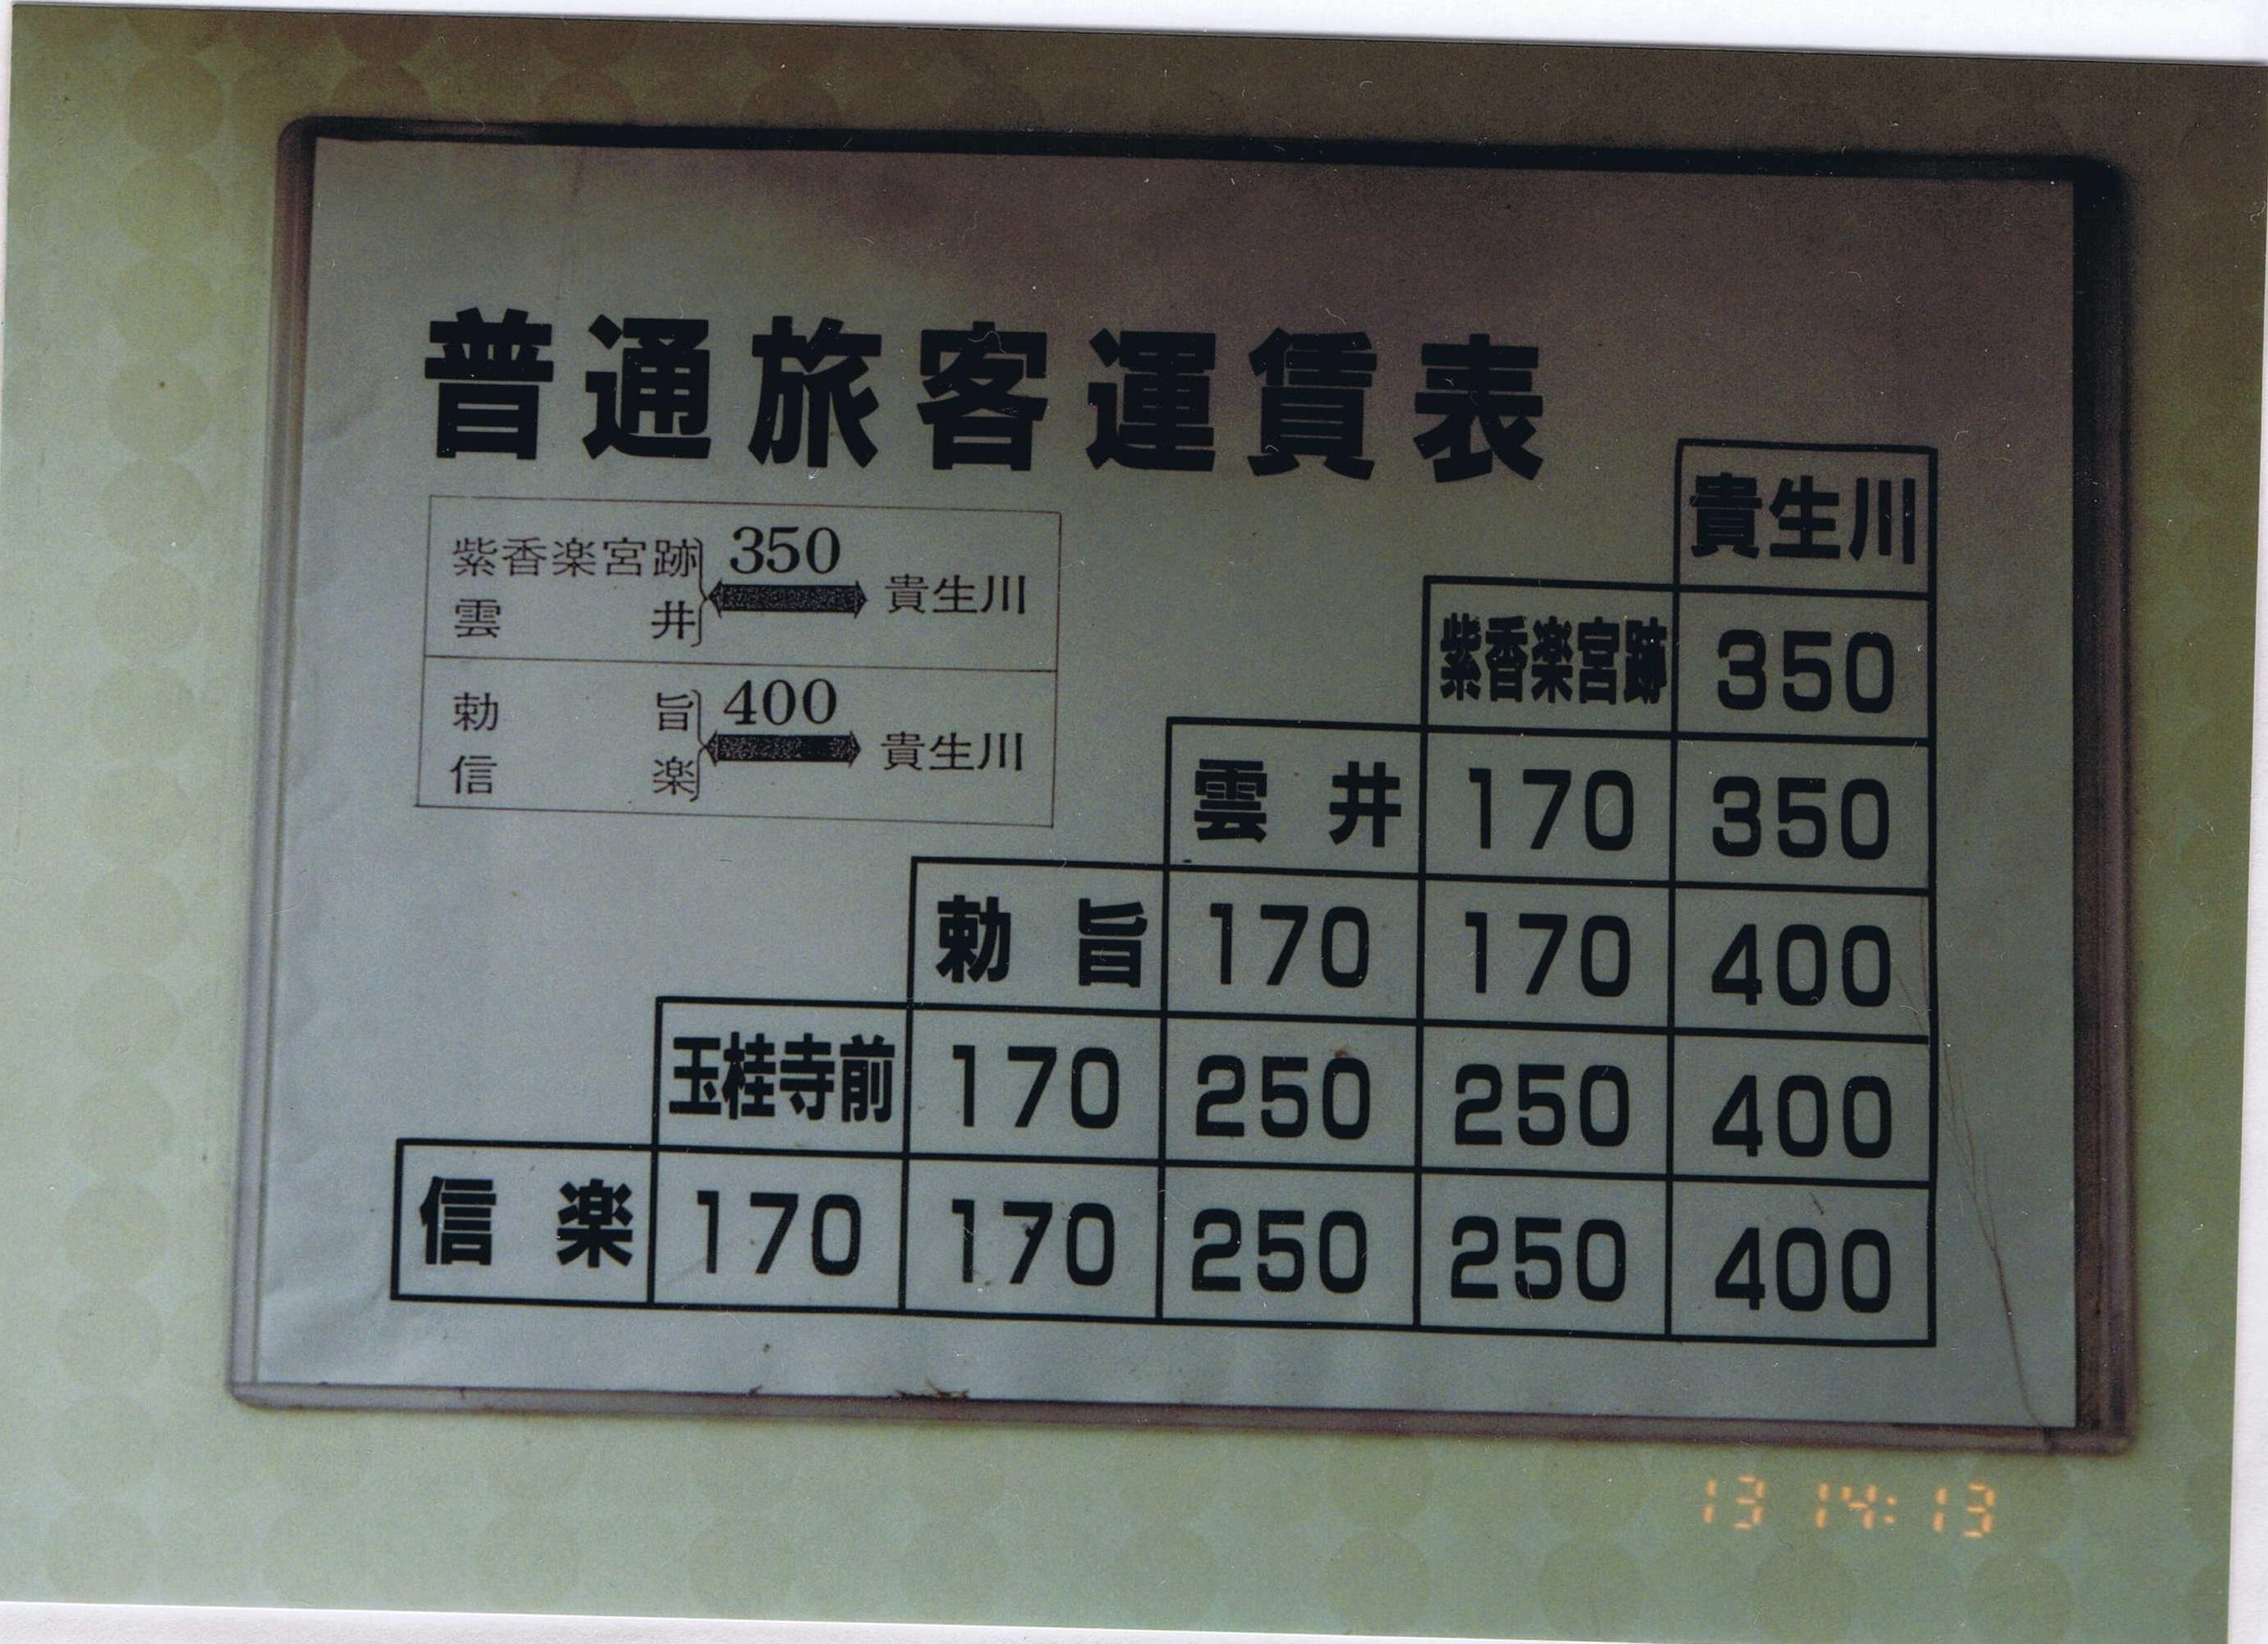 車内掲示運賃表